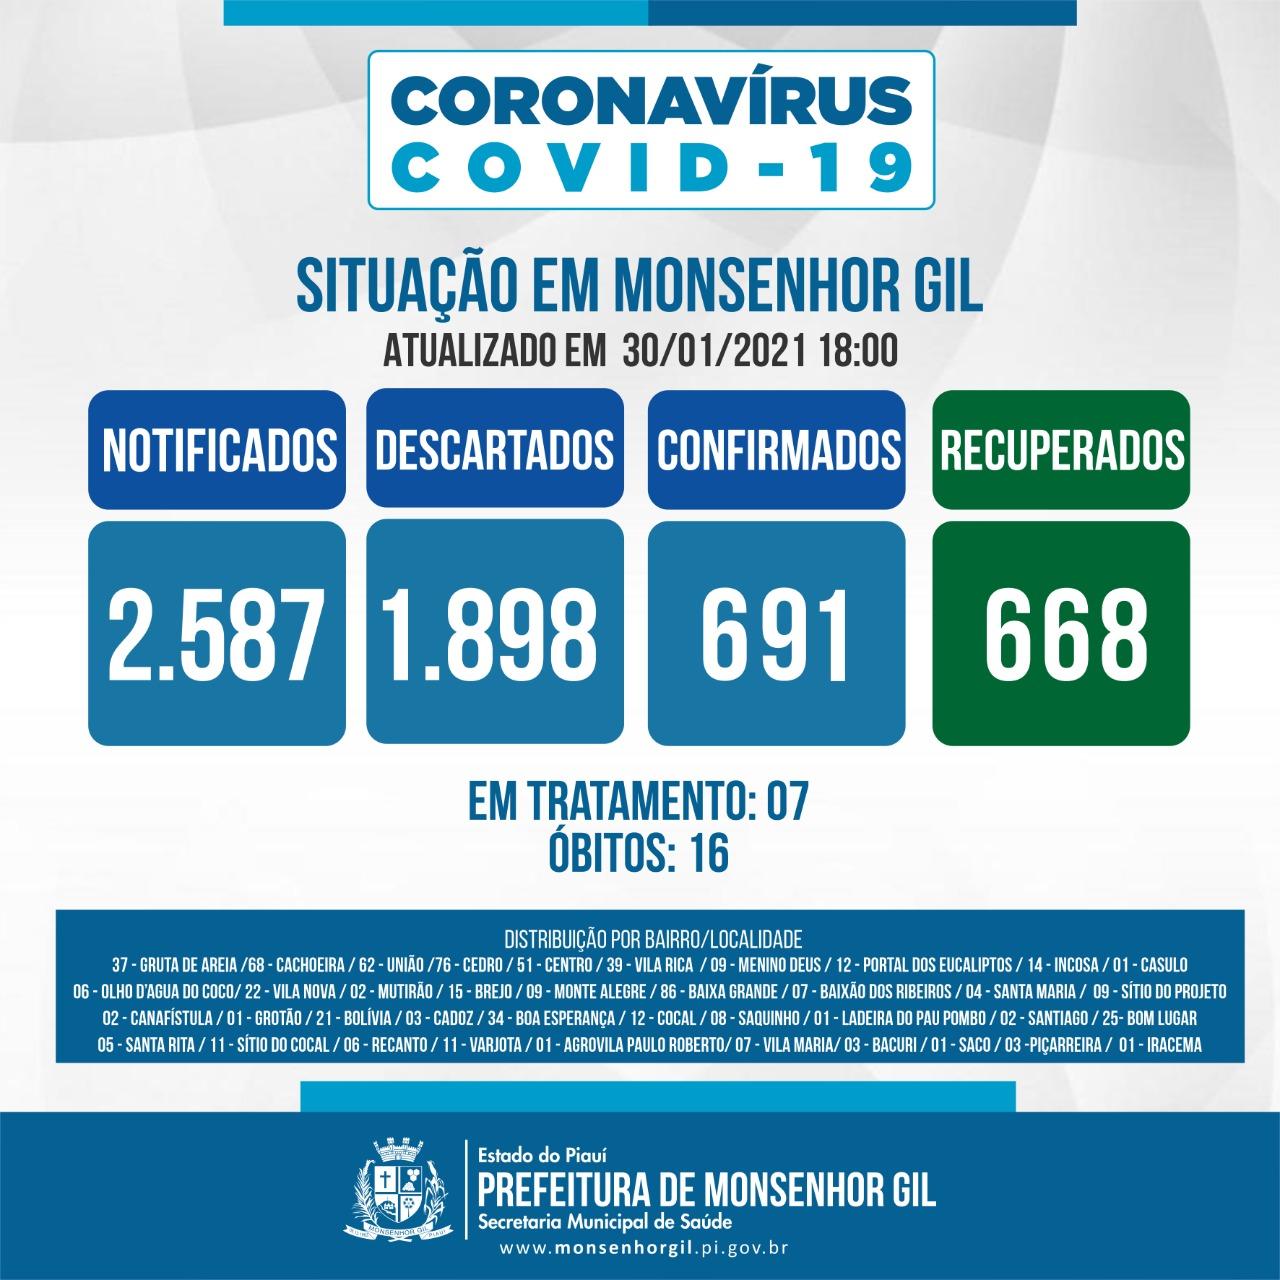 Prefeitura de Monsenhor Gil intensifica ações no combate ao Covid-19 - Imagem 9